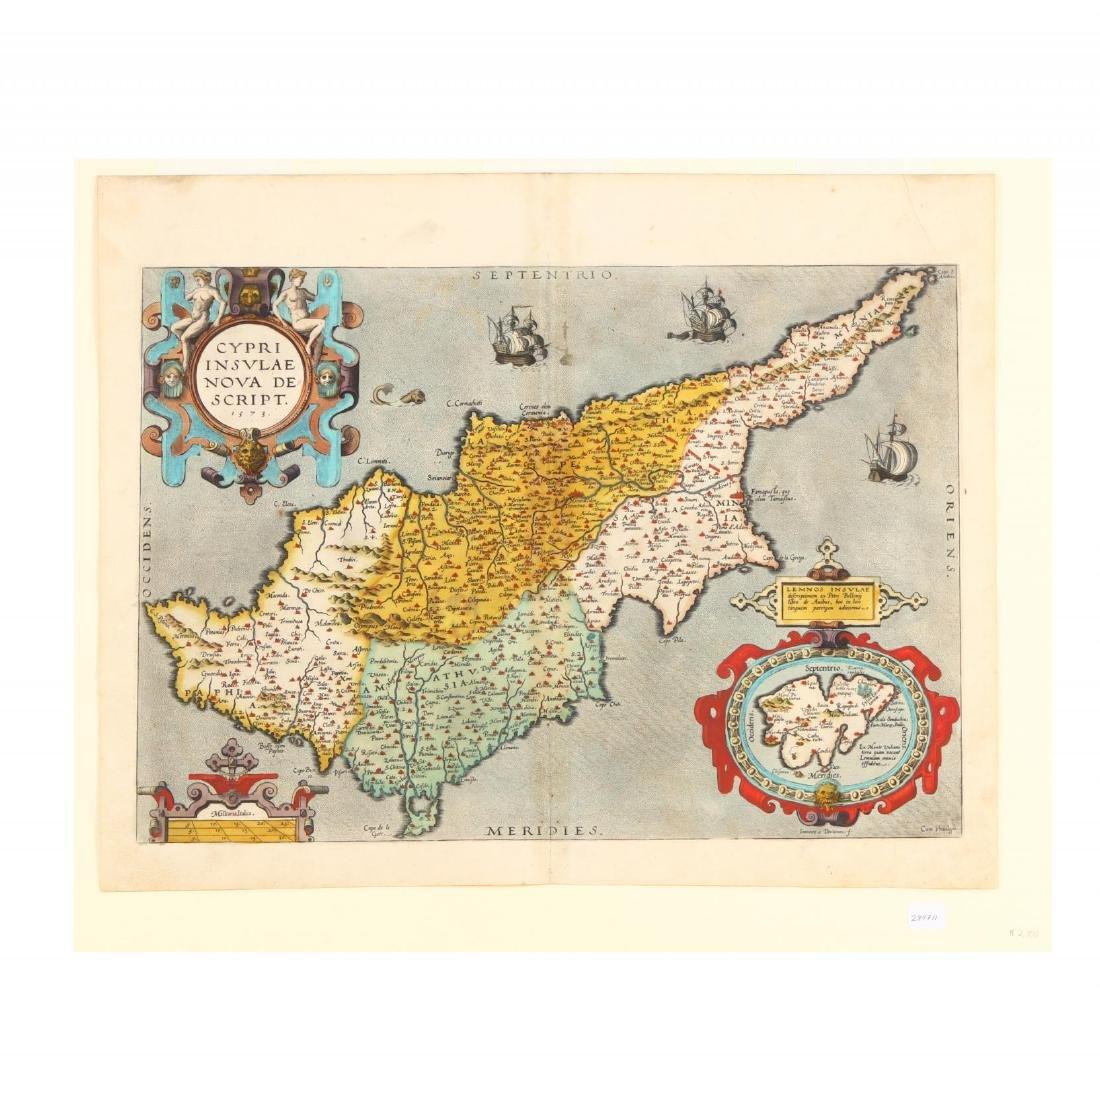 Ortelius, Abraham.  Cypri Insulae Nova Descript.